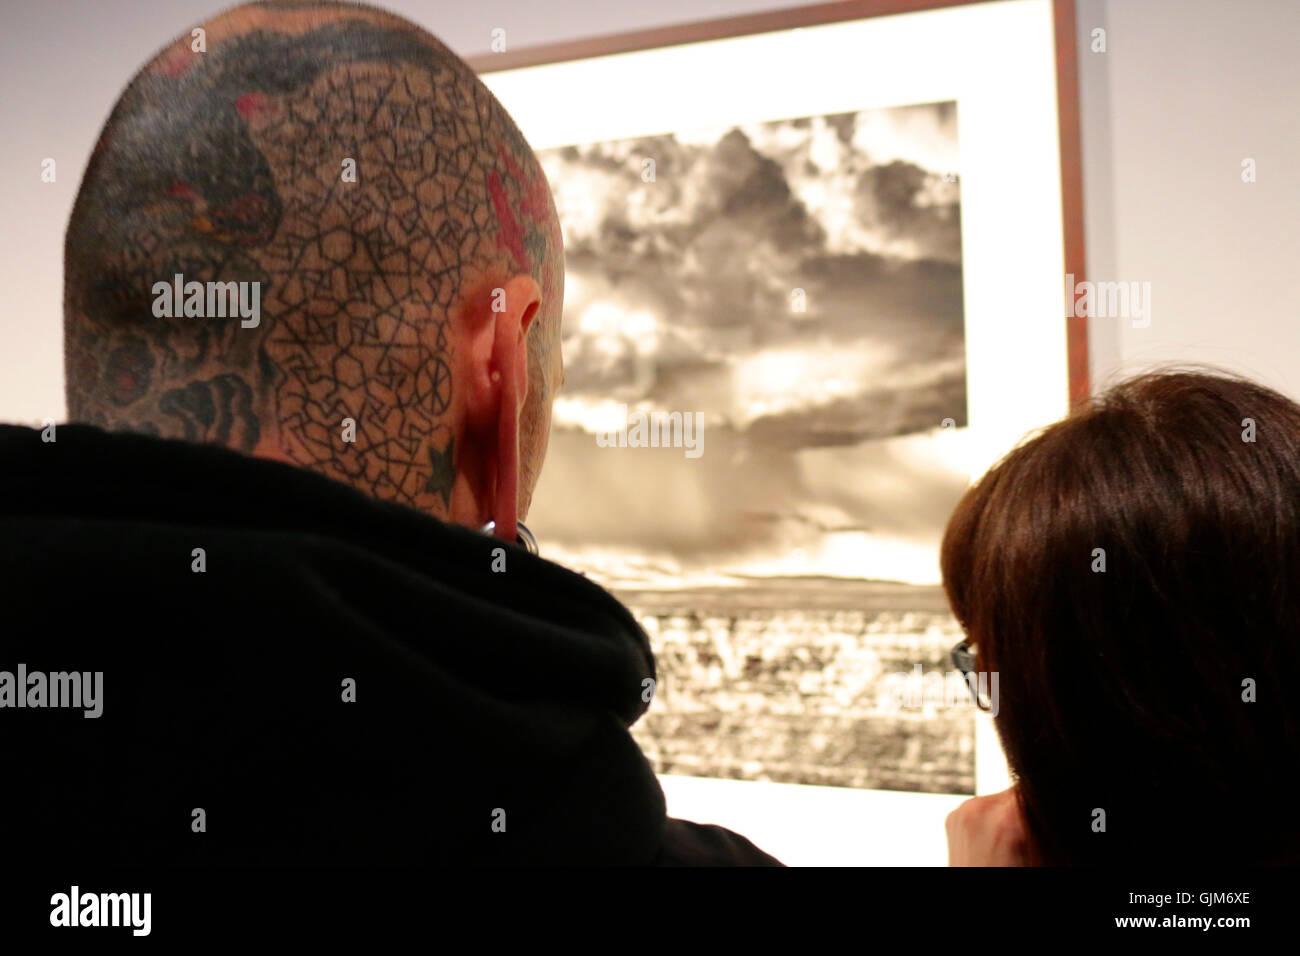 - Eroeffnung Impressionen der Ausstellung 'Genèse' von Sebastiao Salgado, Berlin, 17. Avril 2015, Berlin. Photo Stock